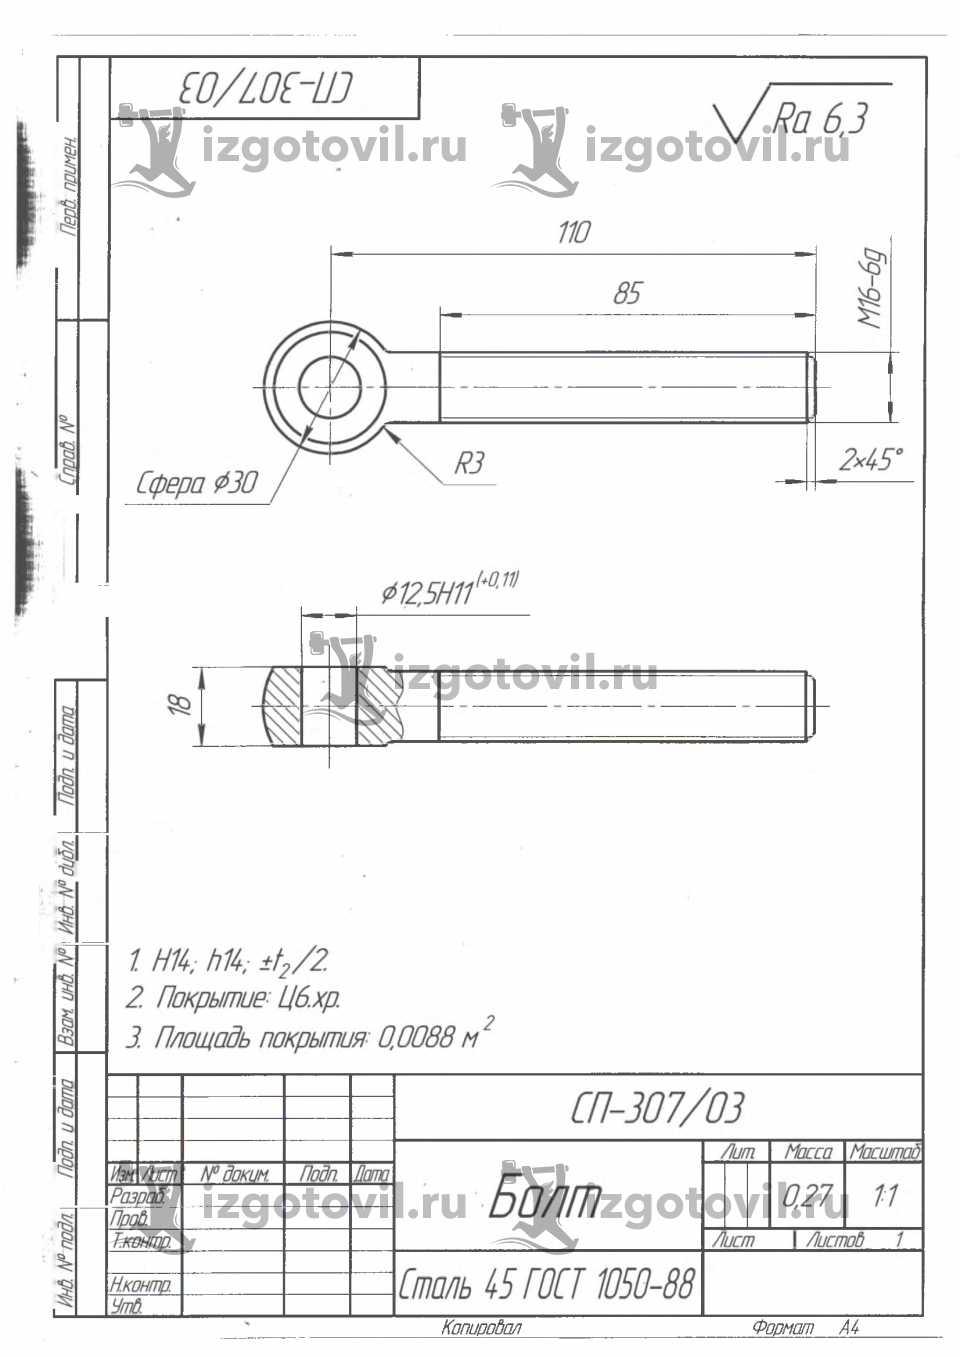 Токарная обработка деталей - Болт